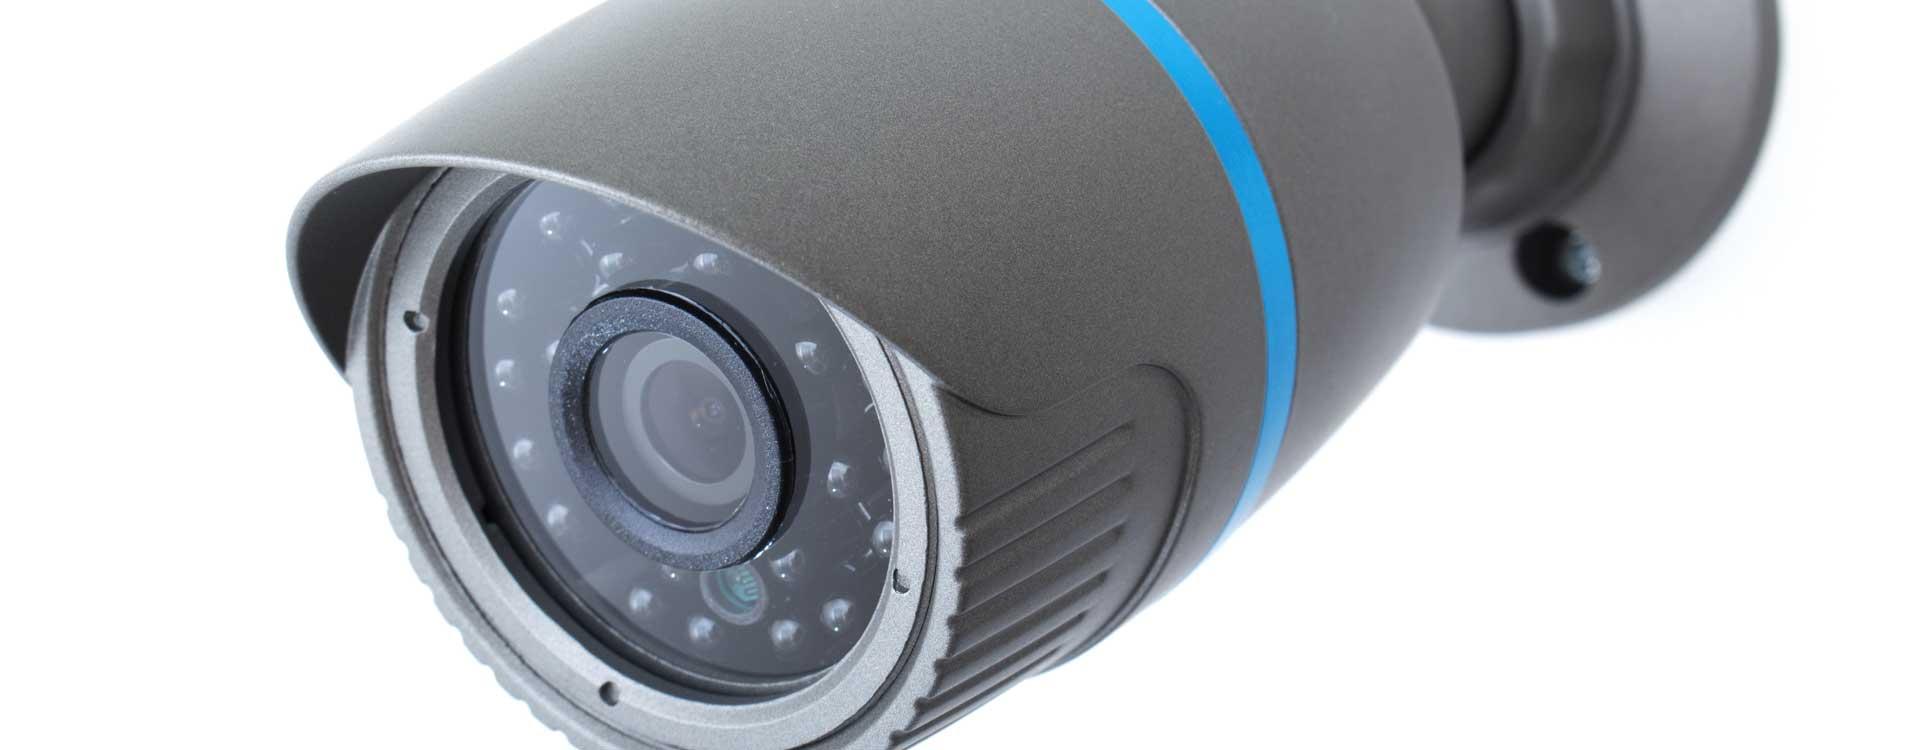 Contactez votre société d'installation de vidéosurveillance